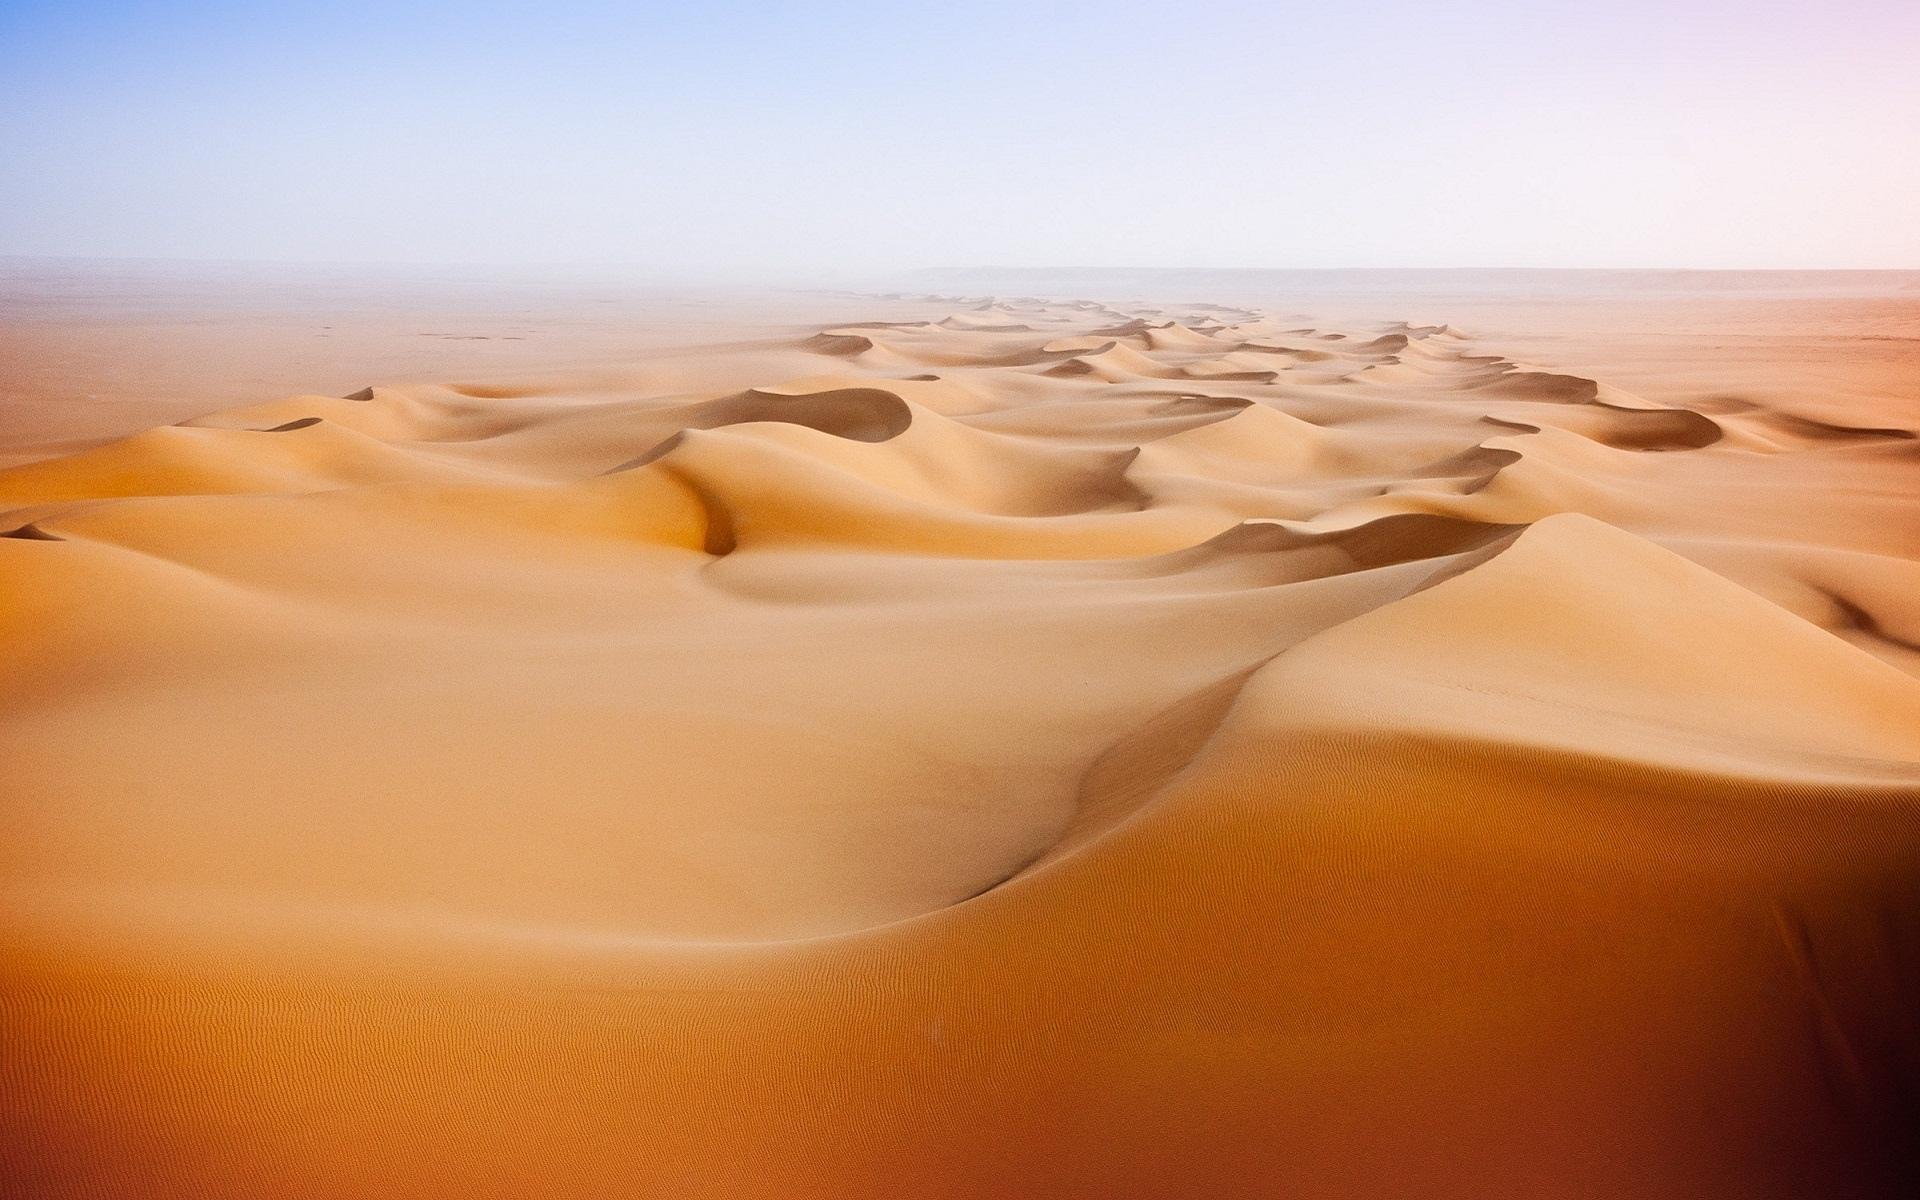 中国最大的沙漠大自然风景搜狗桌面壁纸大全